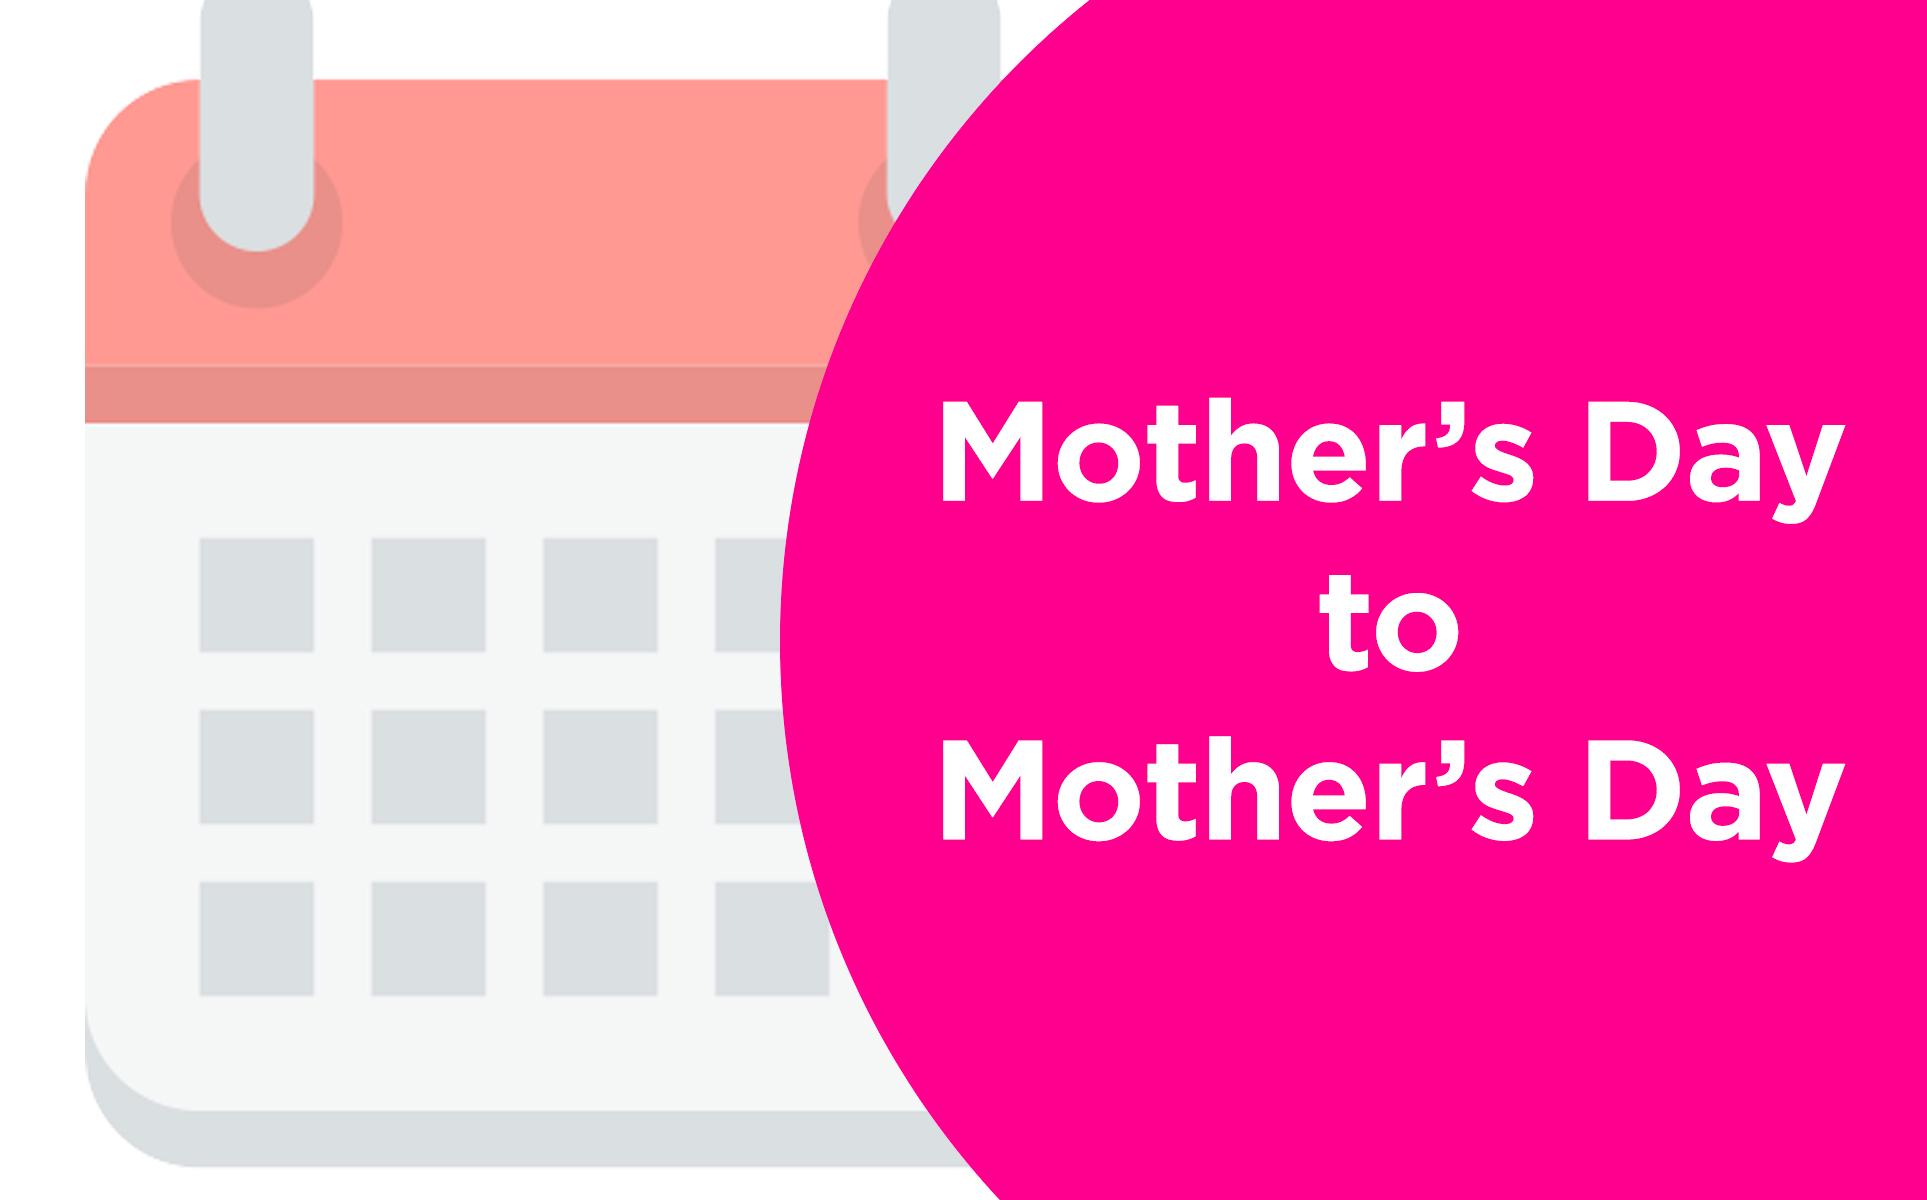 어머니 날부터 어머니 날까지 : 엄마의 건강과 웰빙의 해